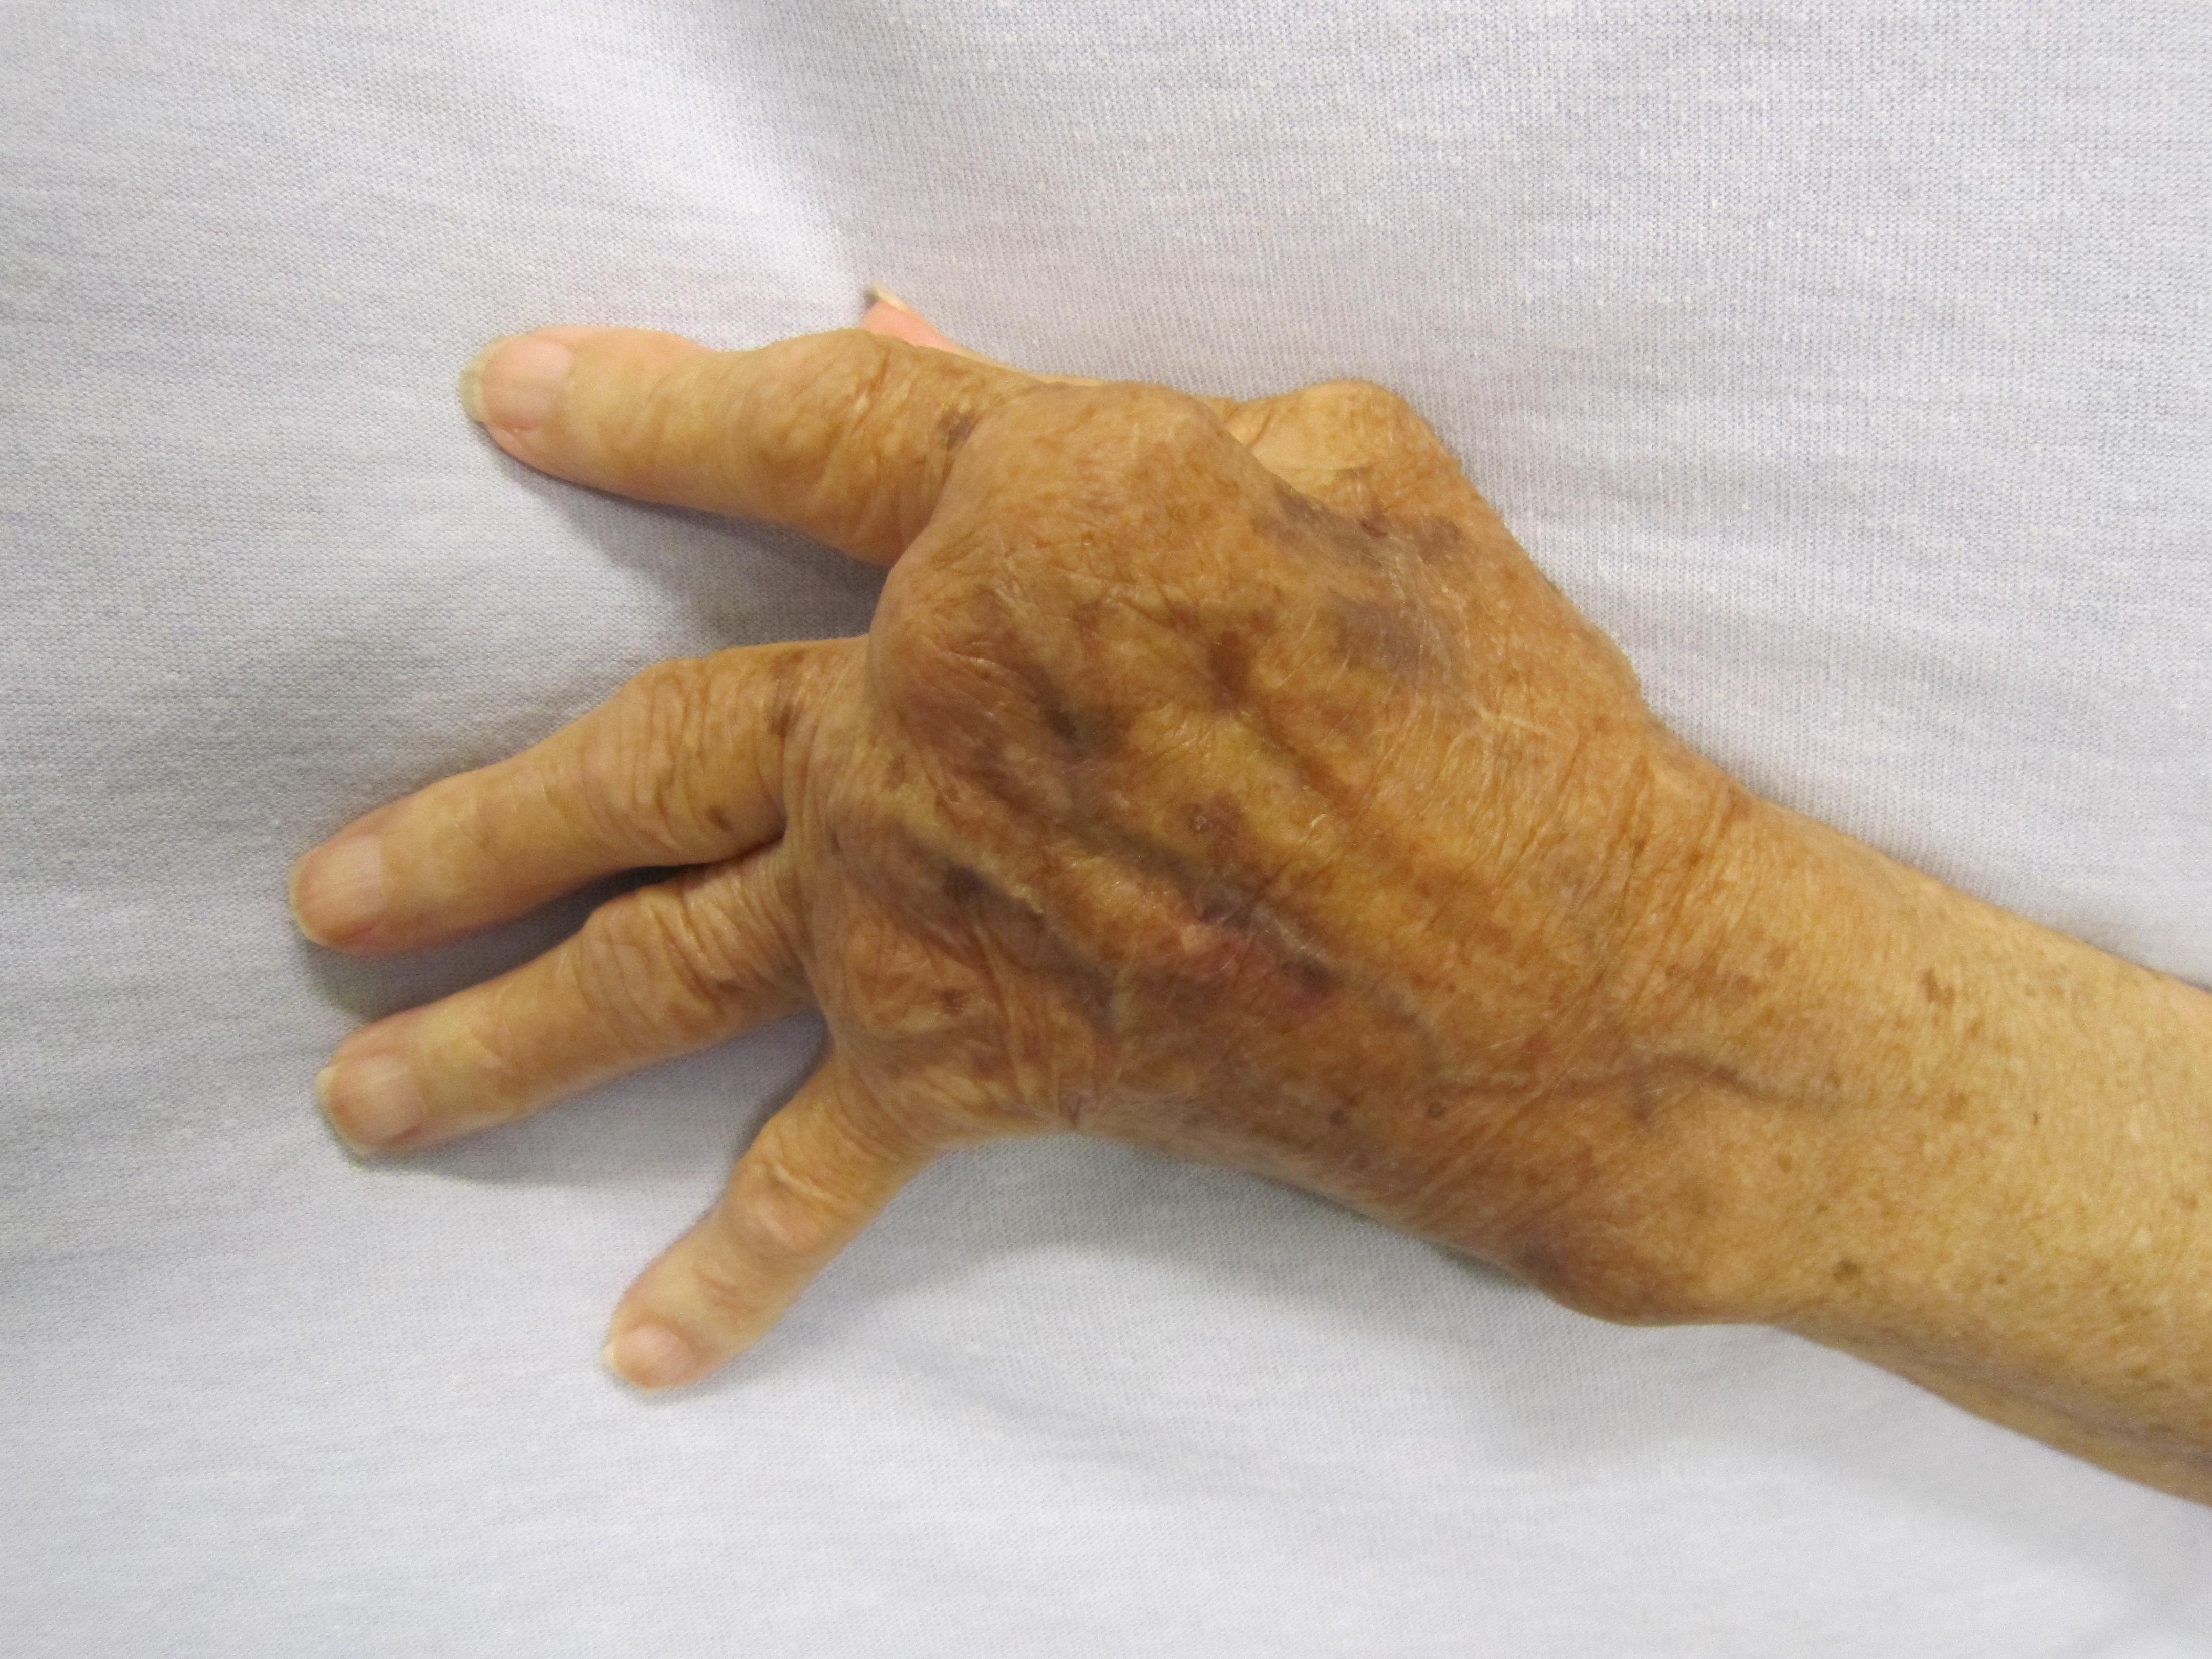 류마티스 관절염 환자의 손. 류마티스 관절염이 발생하면 염증으로 인해 혈액 내 백혈구들이 관절로 모여 들게 되고, 그 결과 관절이 부으면서 통증이 나타난다.